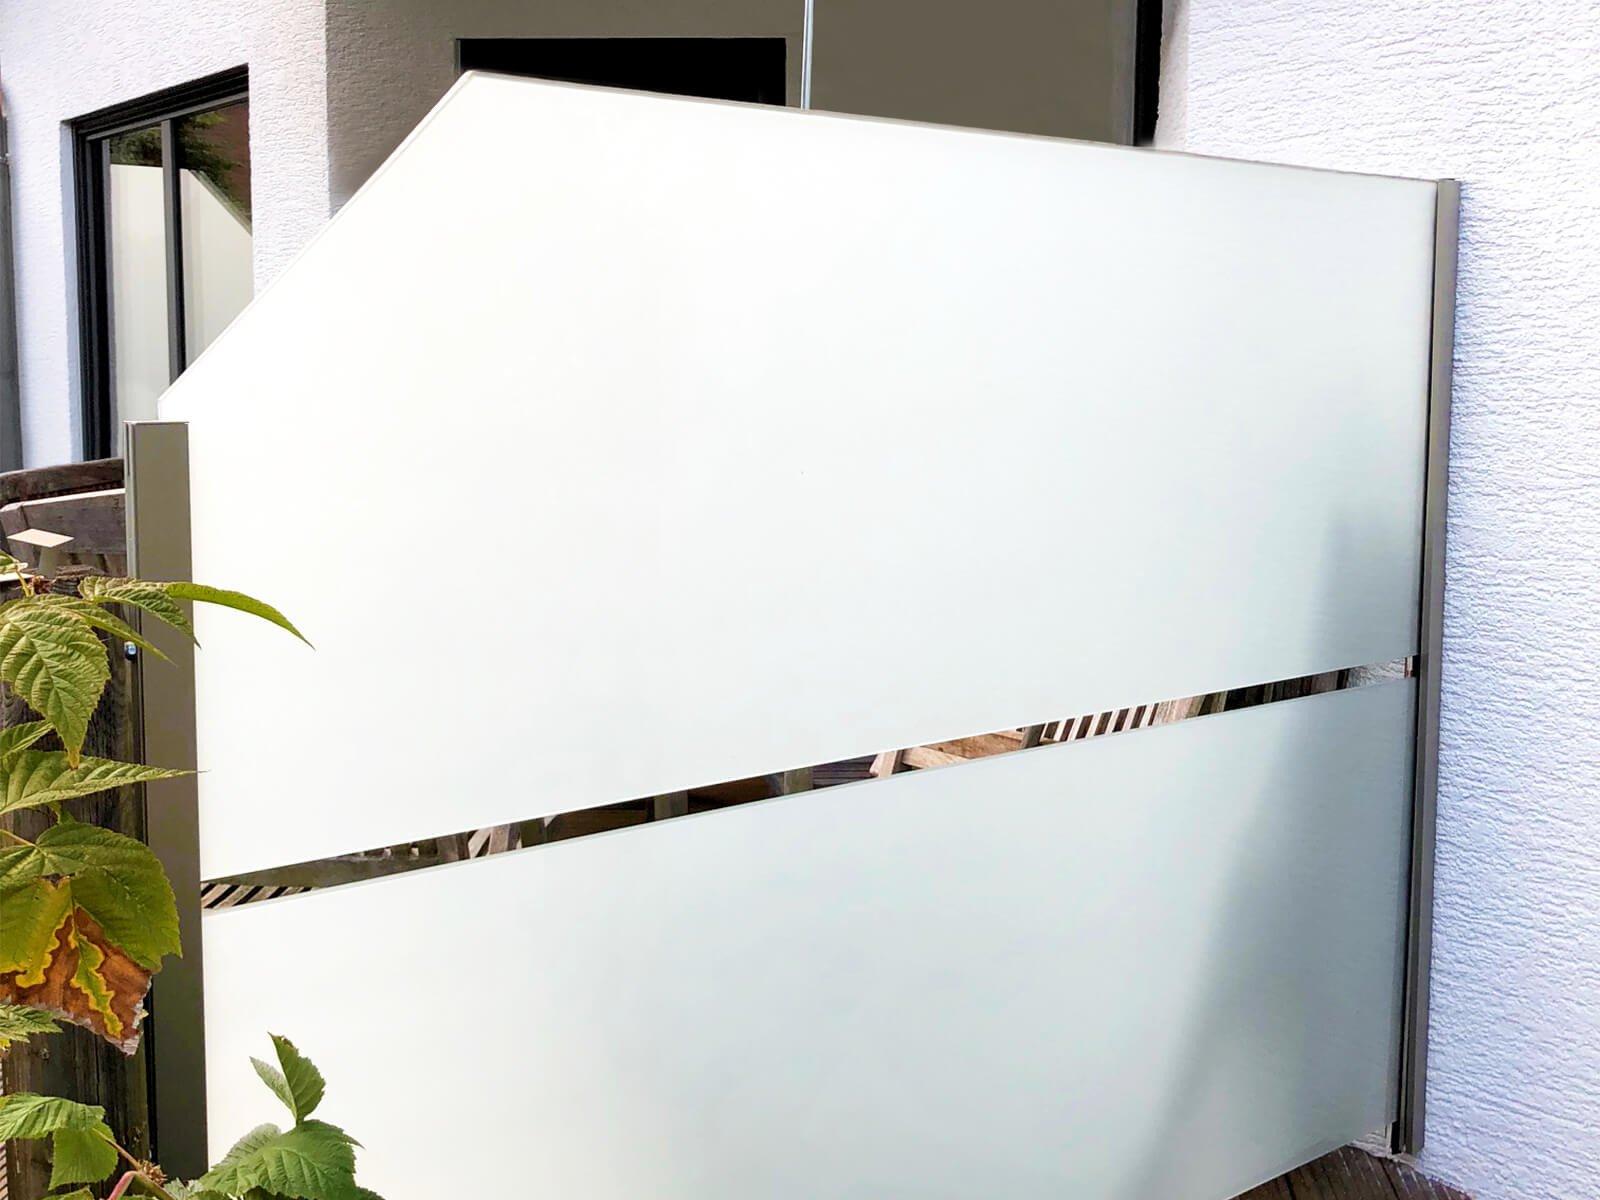 wind-und-sichtschutz-densa-mit-individuellen-schraegschnitten-und-gestaltungsmoeglichkeiten-fuer-garten-und-terrasse